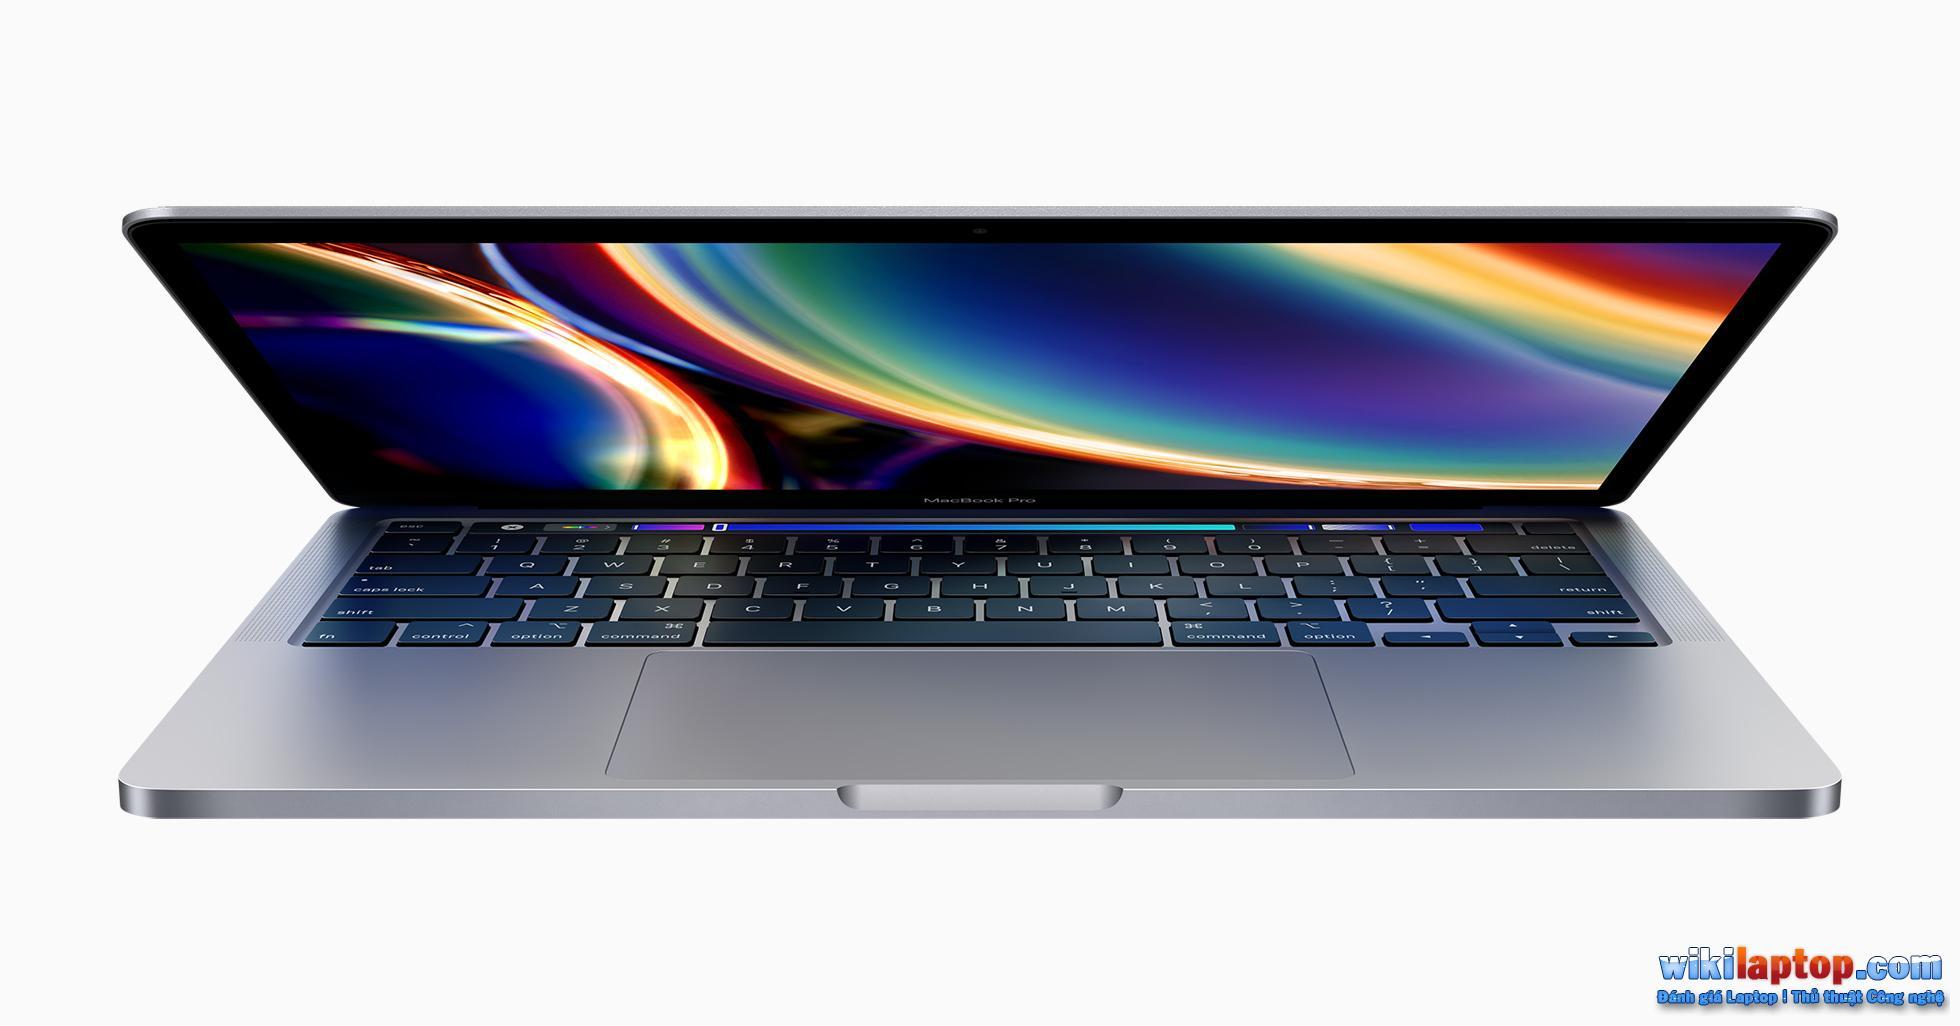 Sforum - Apple_macbookpro-13-inch_screen_05042020-1 MacBook Air 2020 và MacBook Pro 13 inch 2020: Tùy chọn nào phù hợp với chi phí và nhu cầu của bạn?